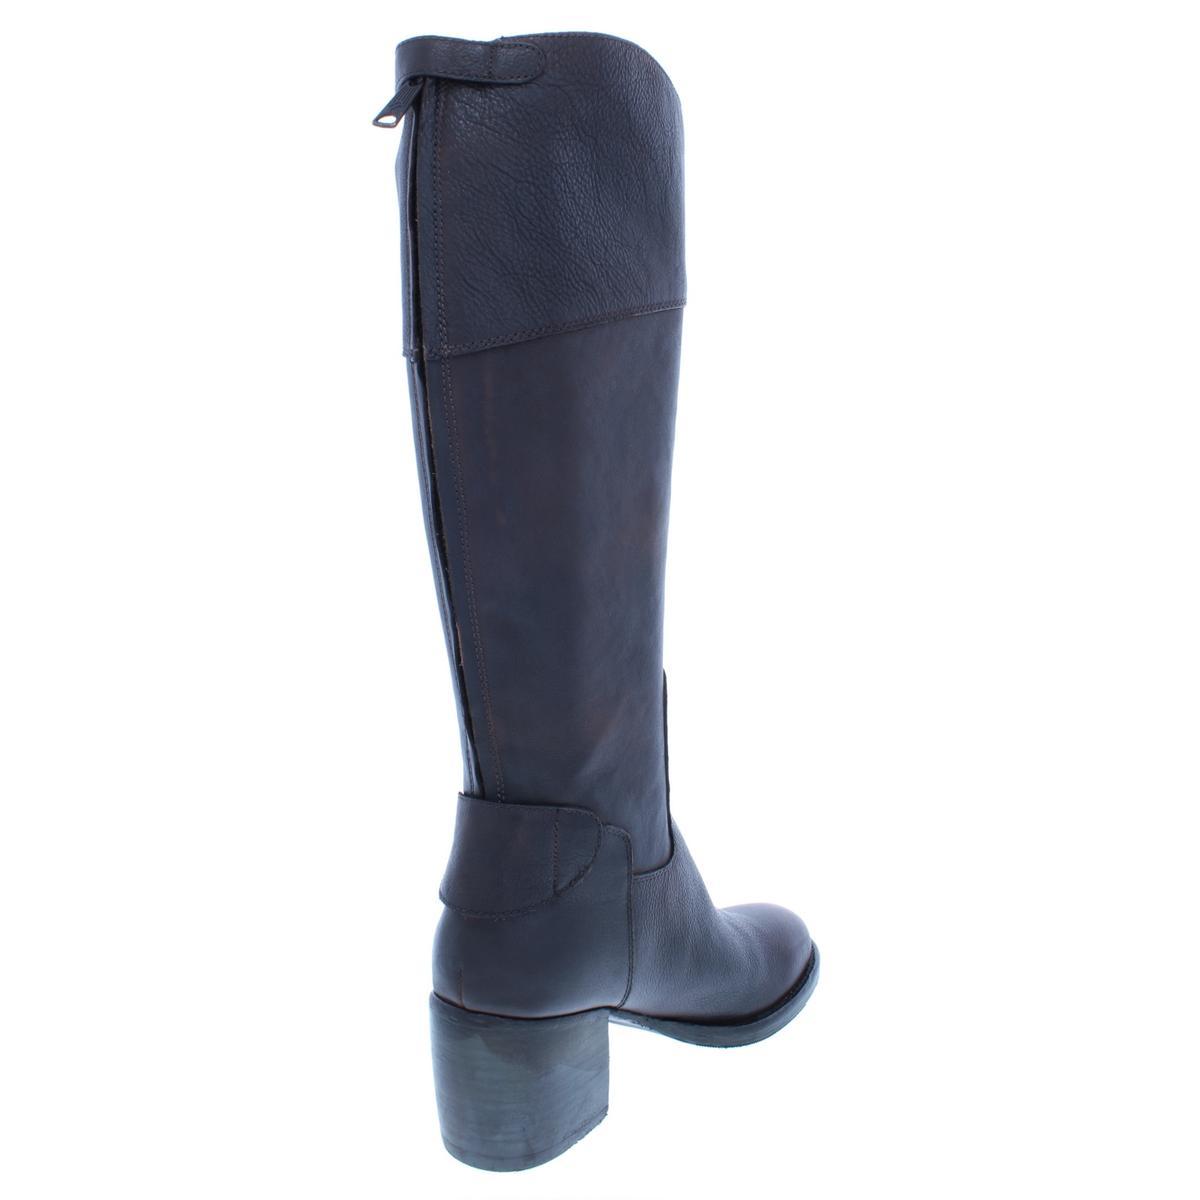 41ad5763d4a Patricia Nash Womens Loretta Brown Riding BOOTS Shoes 6.5 Medium (b M) BHFO  4300